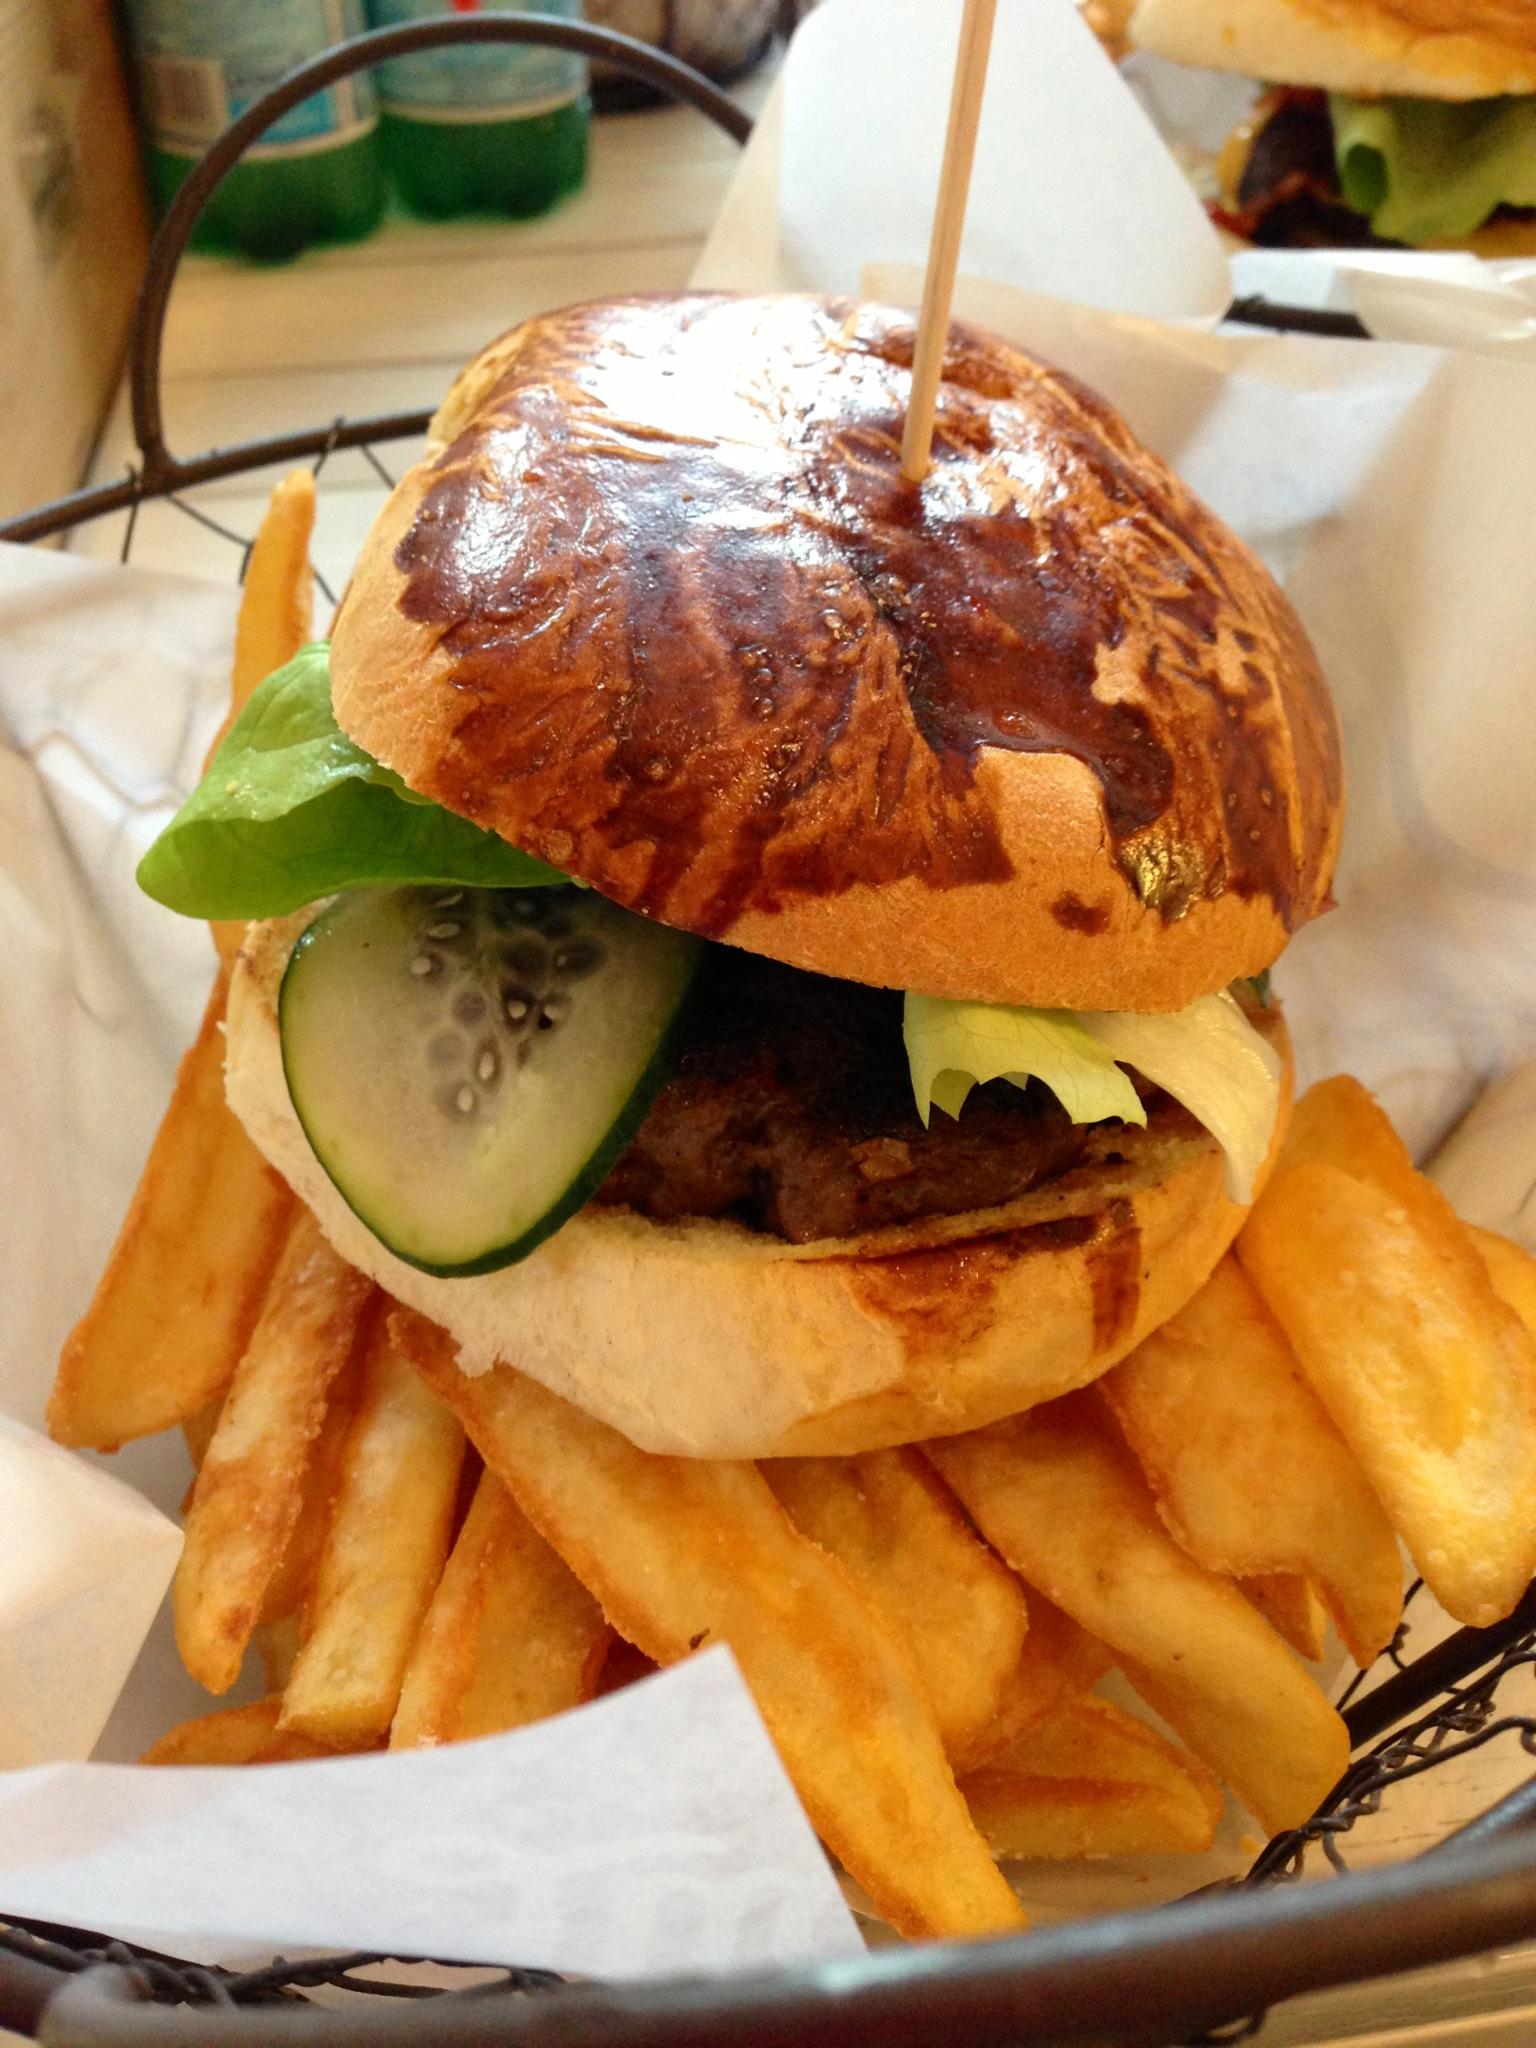 212 Classic burger